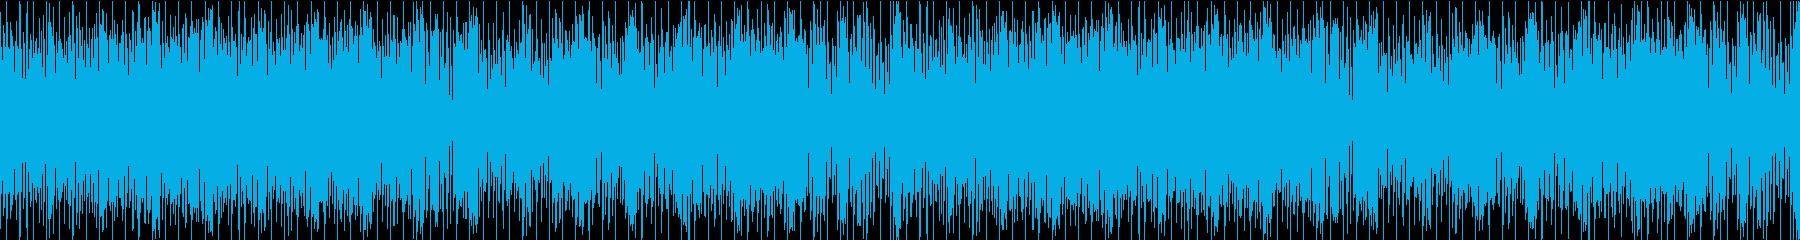 明るく可愛い+ボイス系/オケ/ループ可能の再生済みの波形